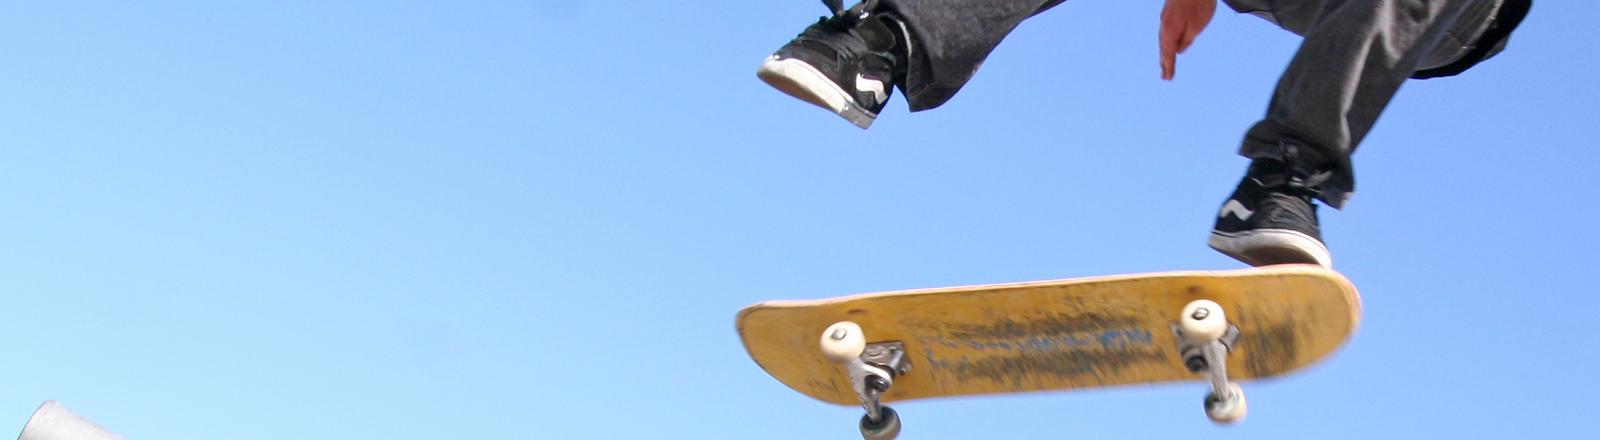 Ein Skateboard auf dem eine Person mit einem Bein steht, das andere schwebt darüber.